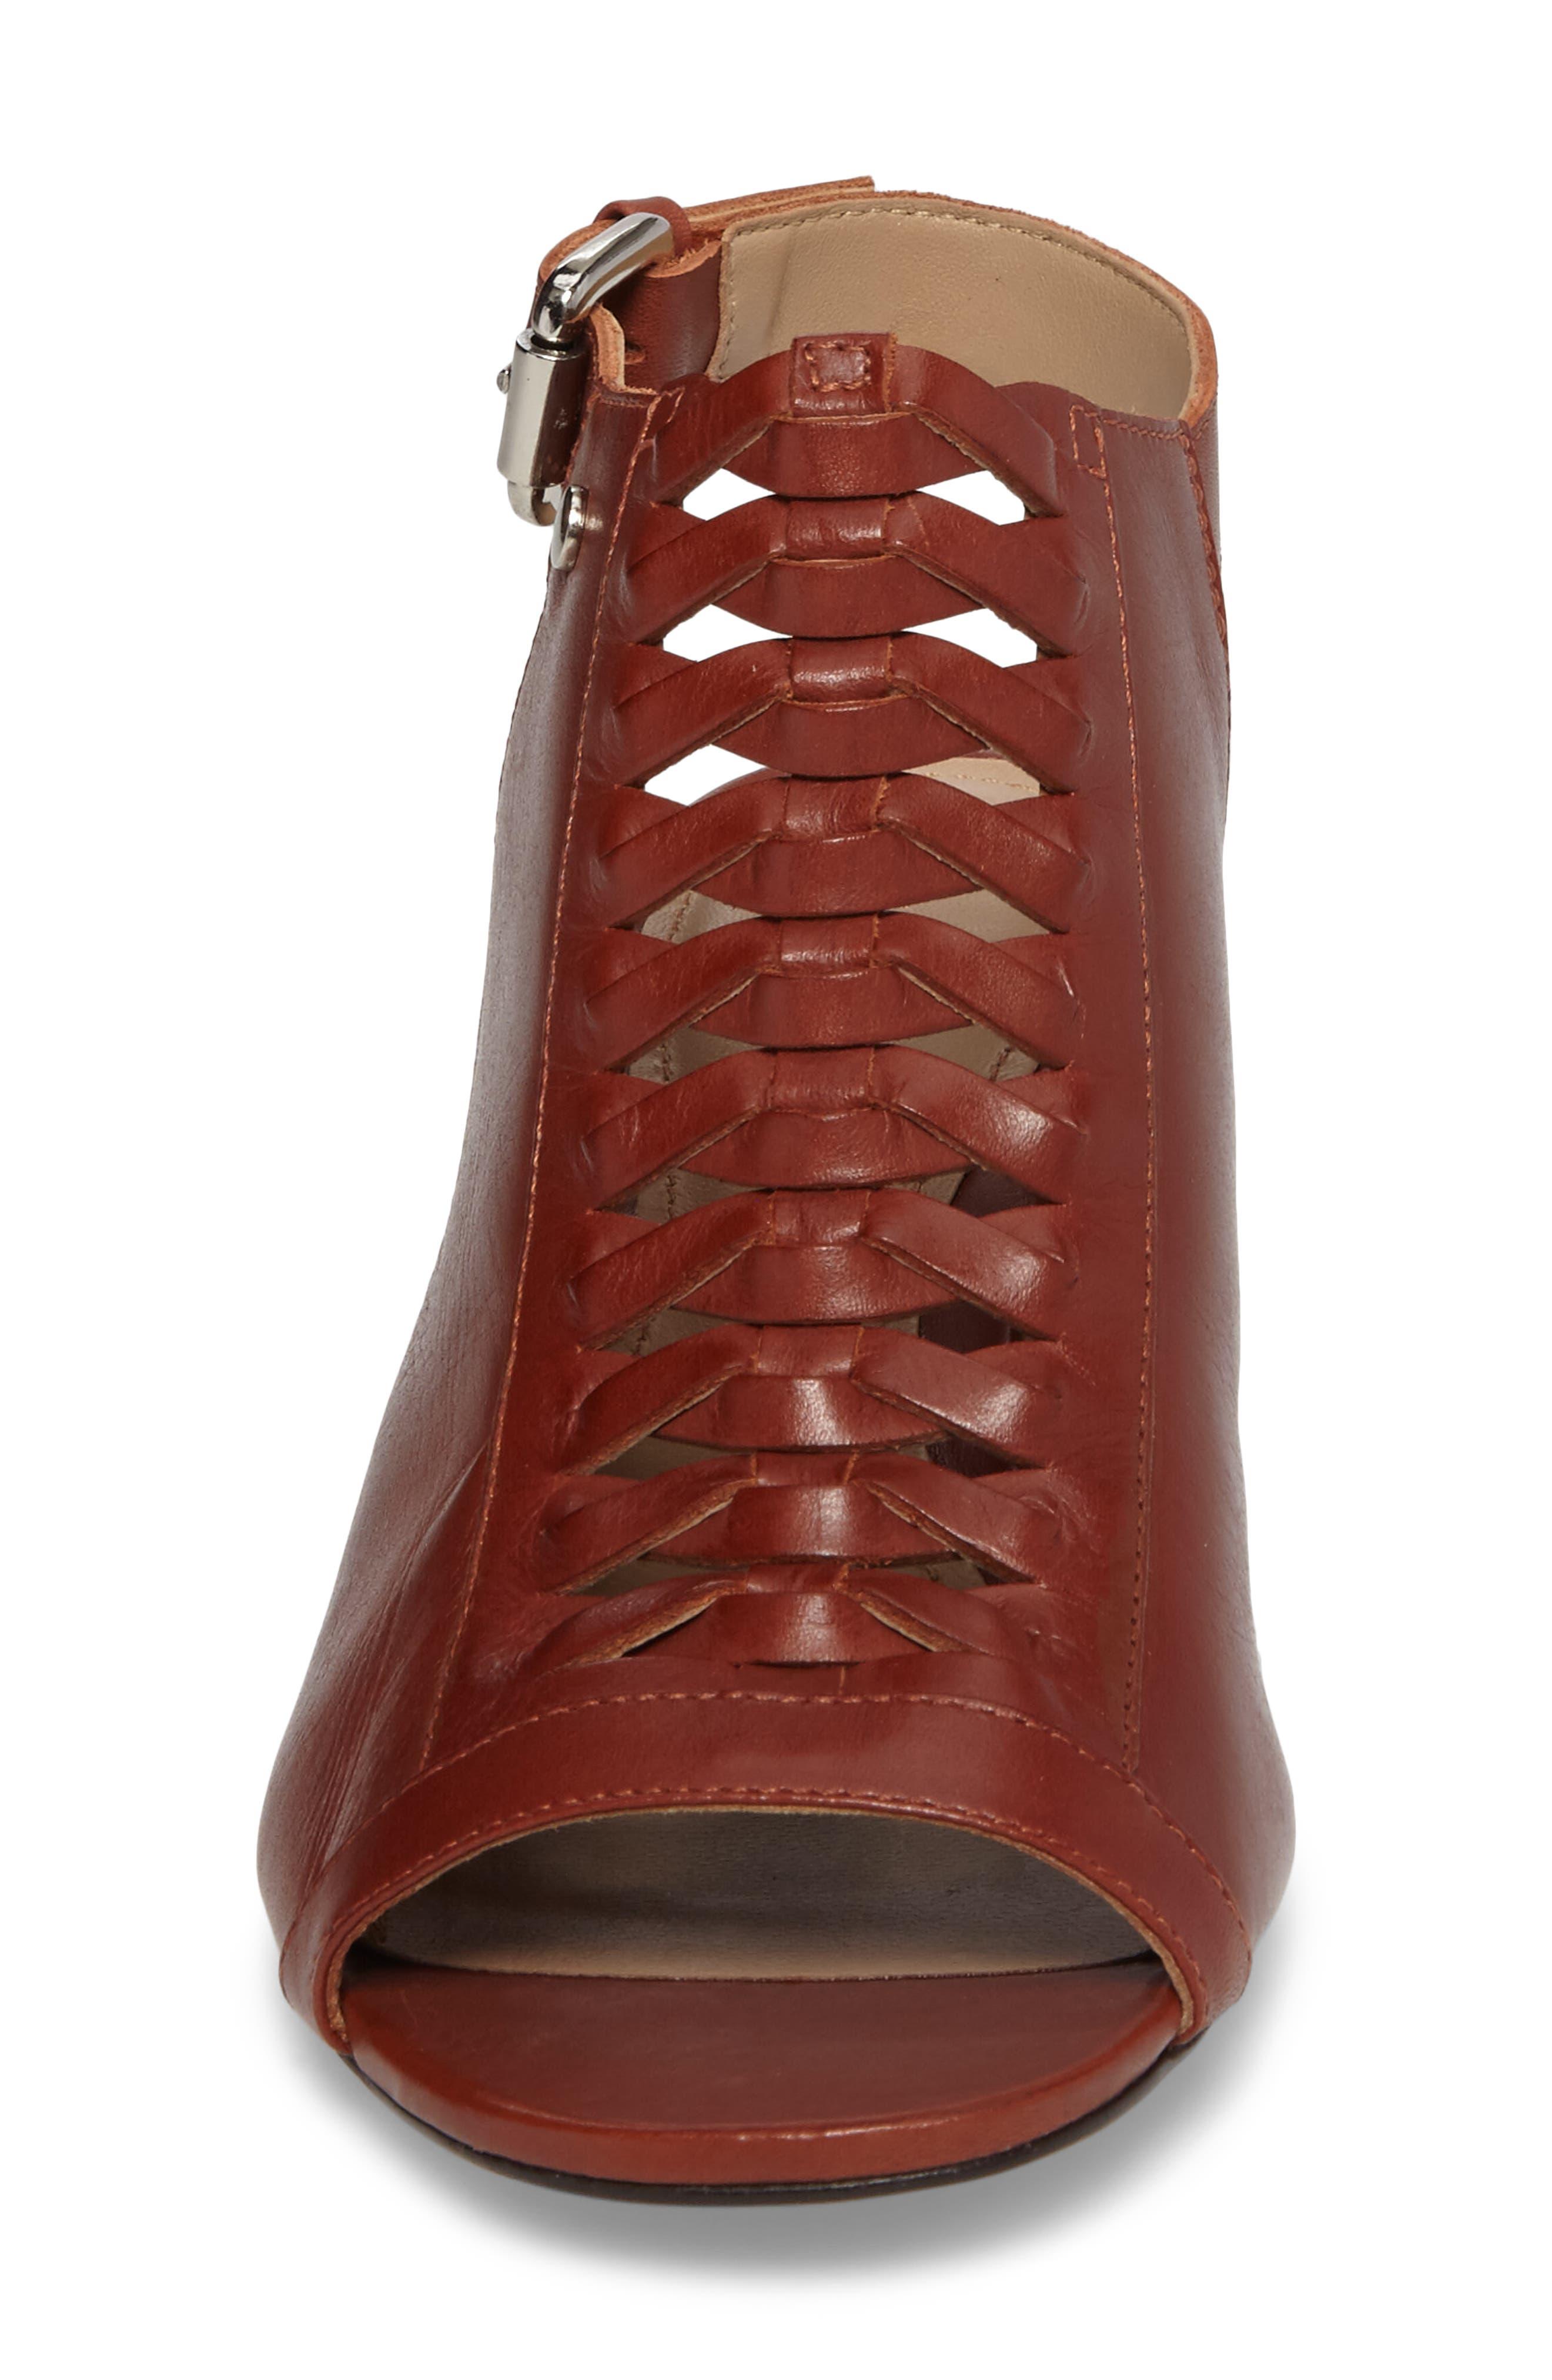 Dallas Woven Sandal,                             Alternate thumbnail 4, color,                             Cognac Leather